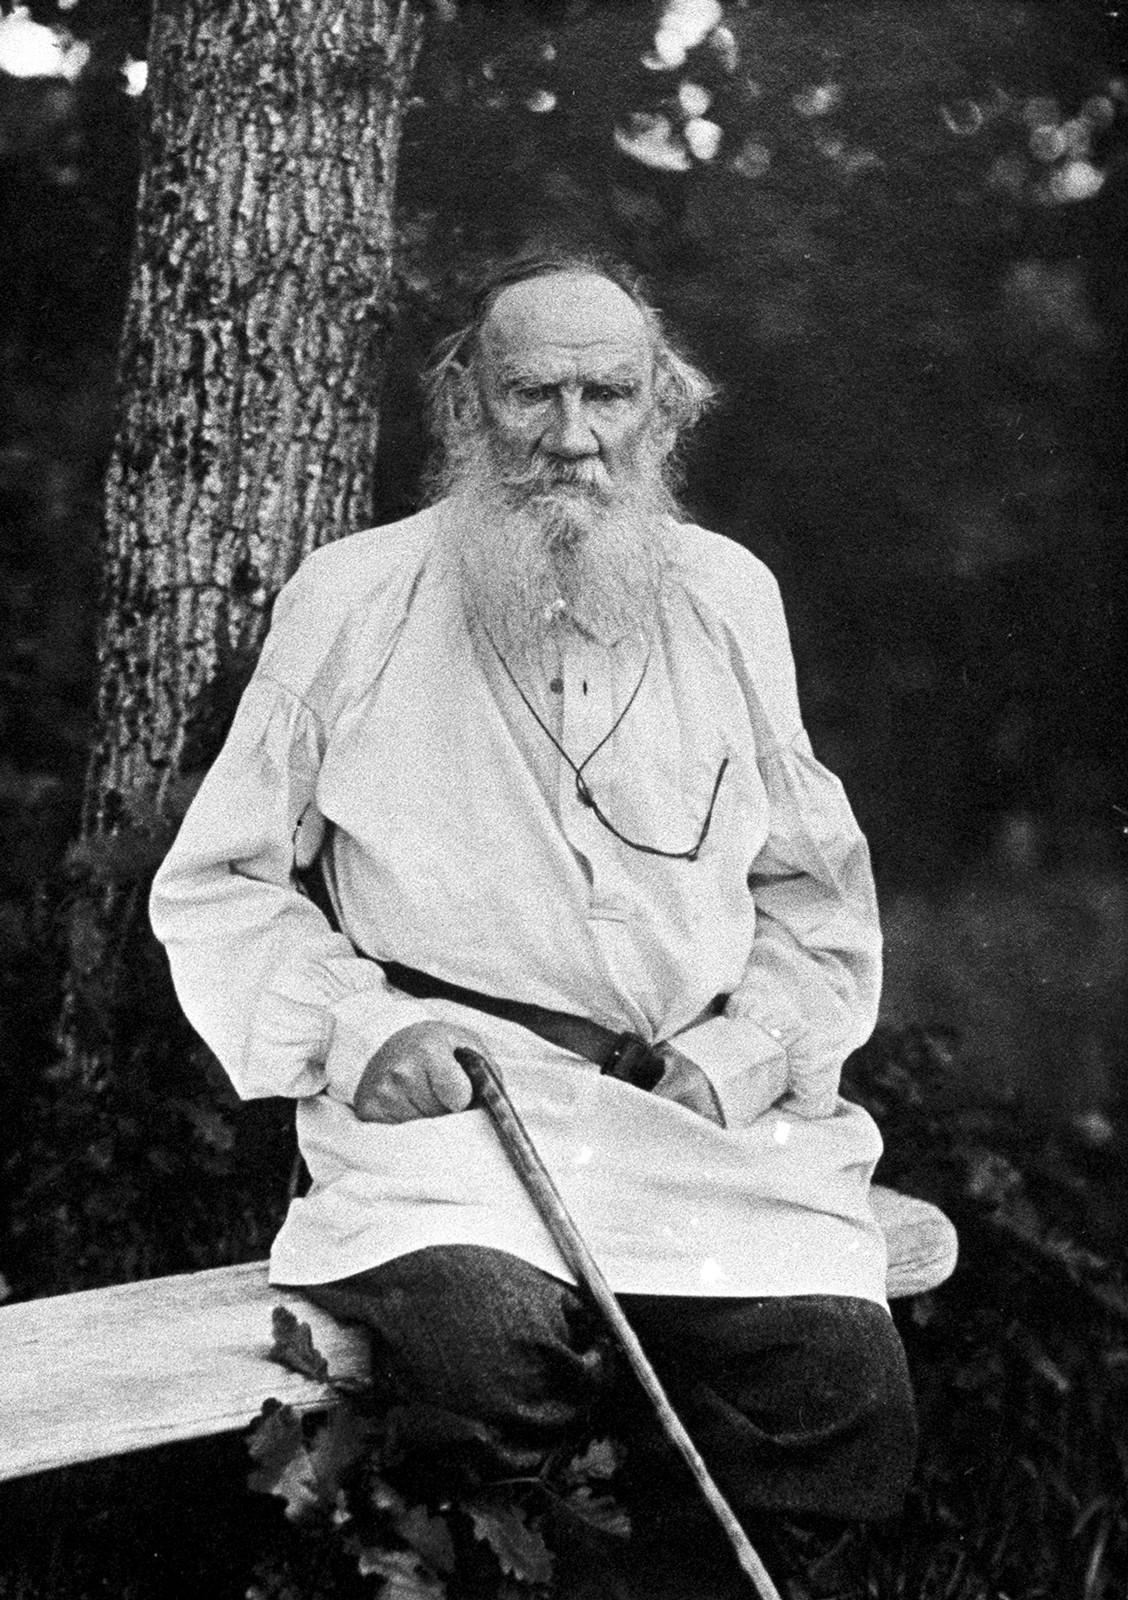 Leo Tolstoy mendominasi kehidupan sosial dan budaya Rusia pada awal abad ke-20